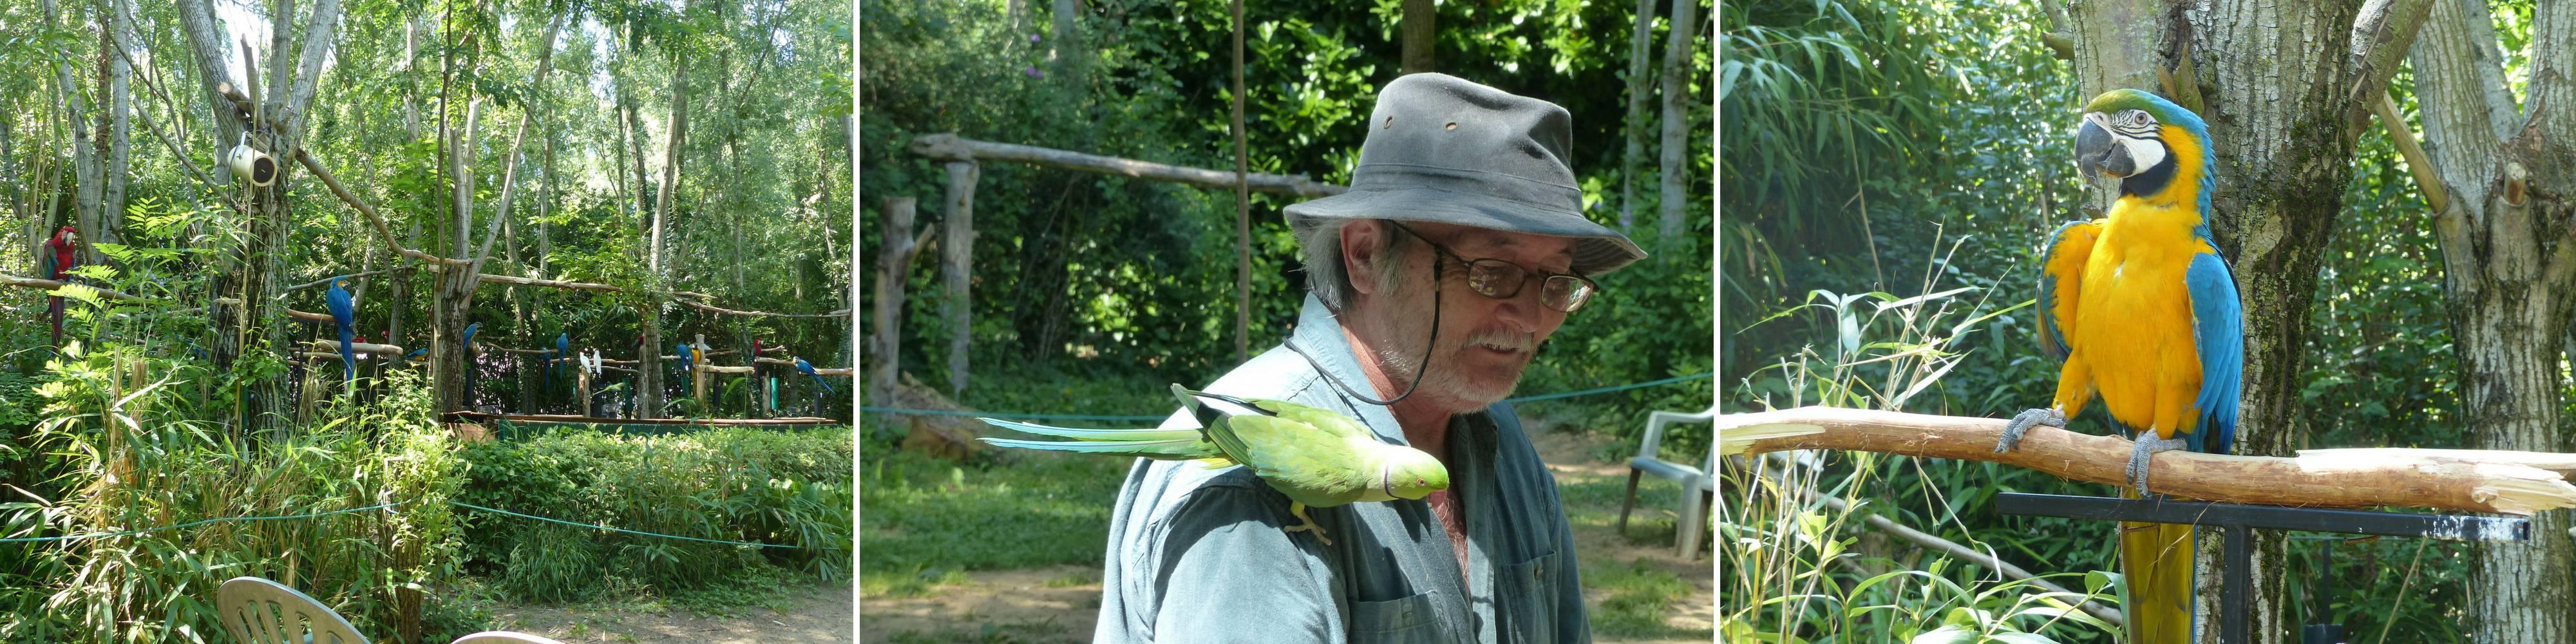 Parrots park in Bren